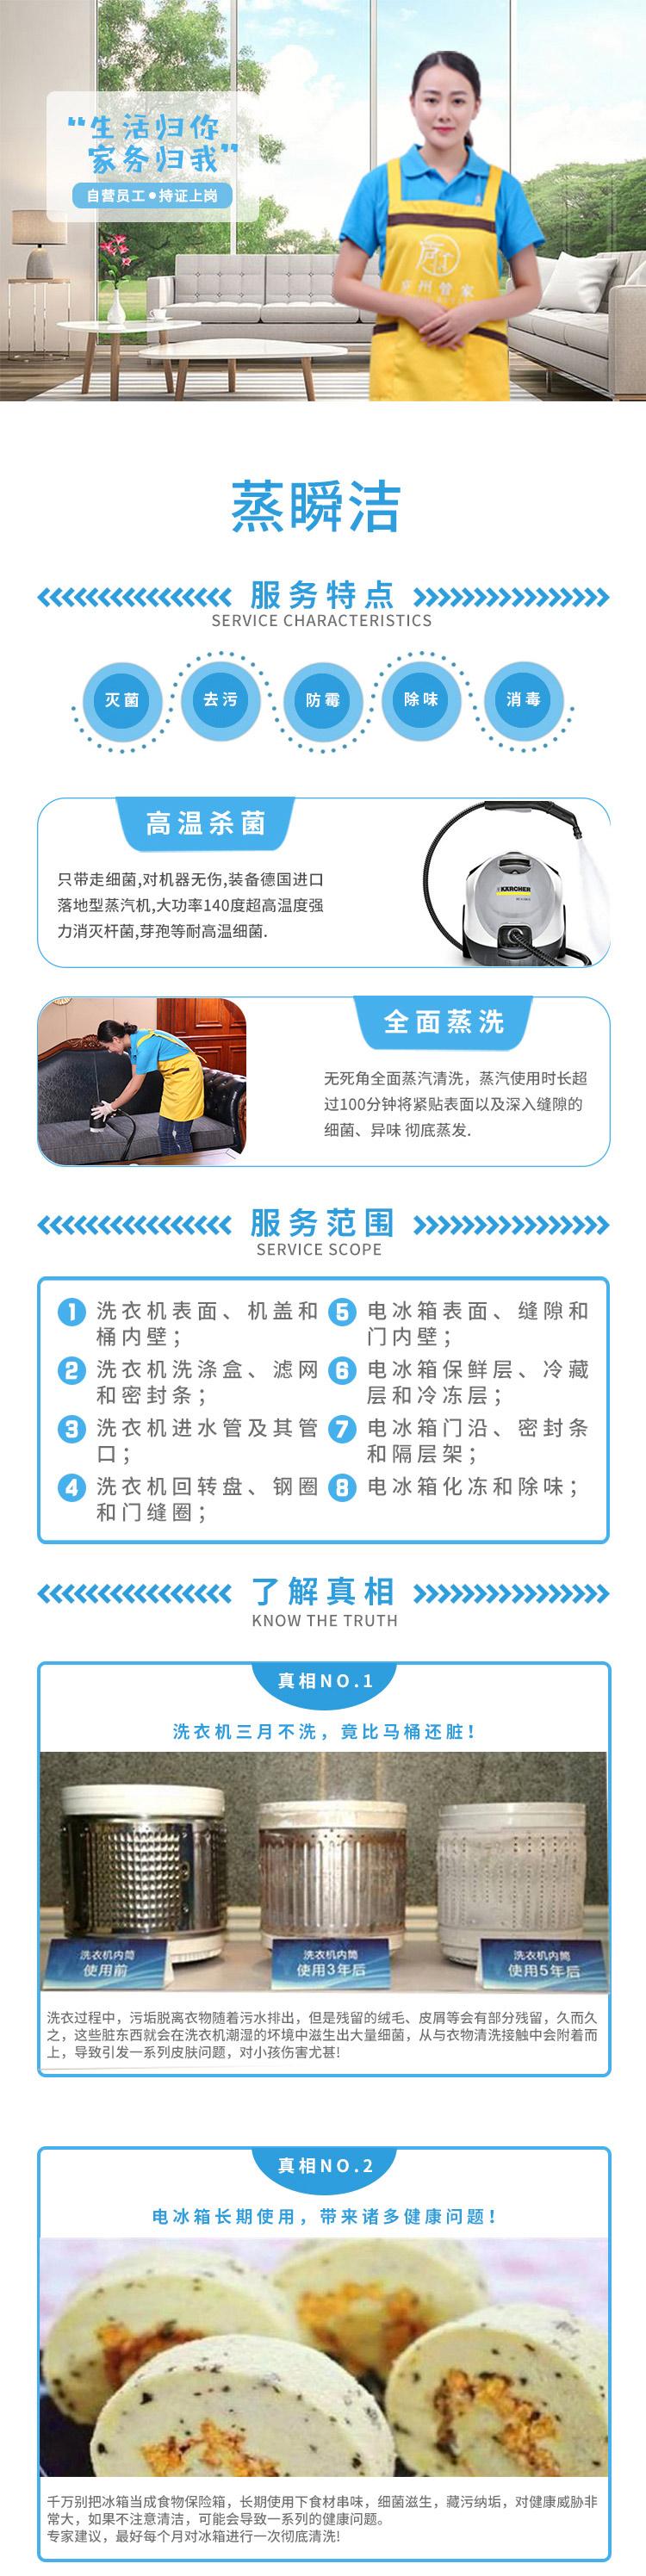 冰箱洗衣机家电清洗_01.jpg